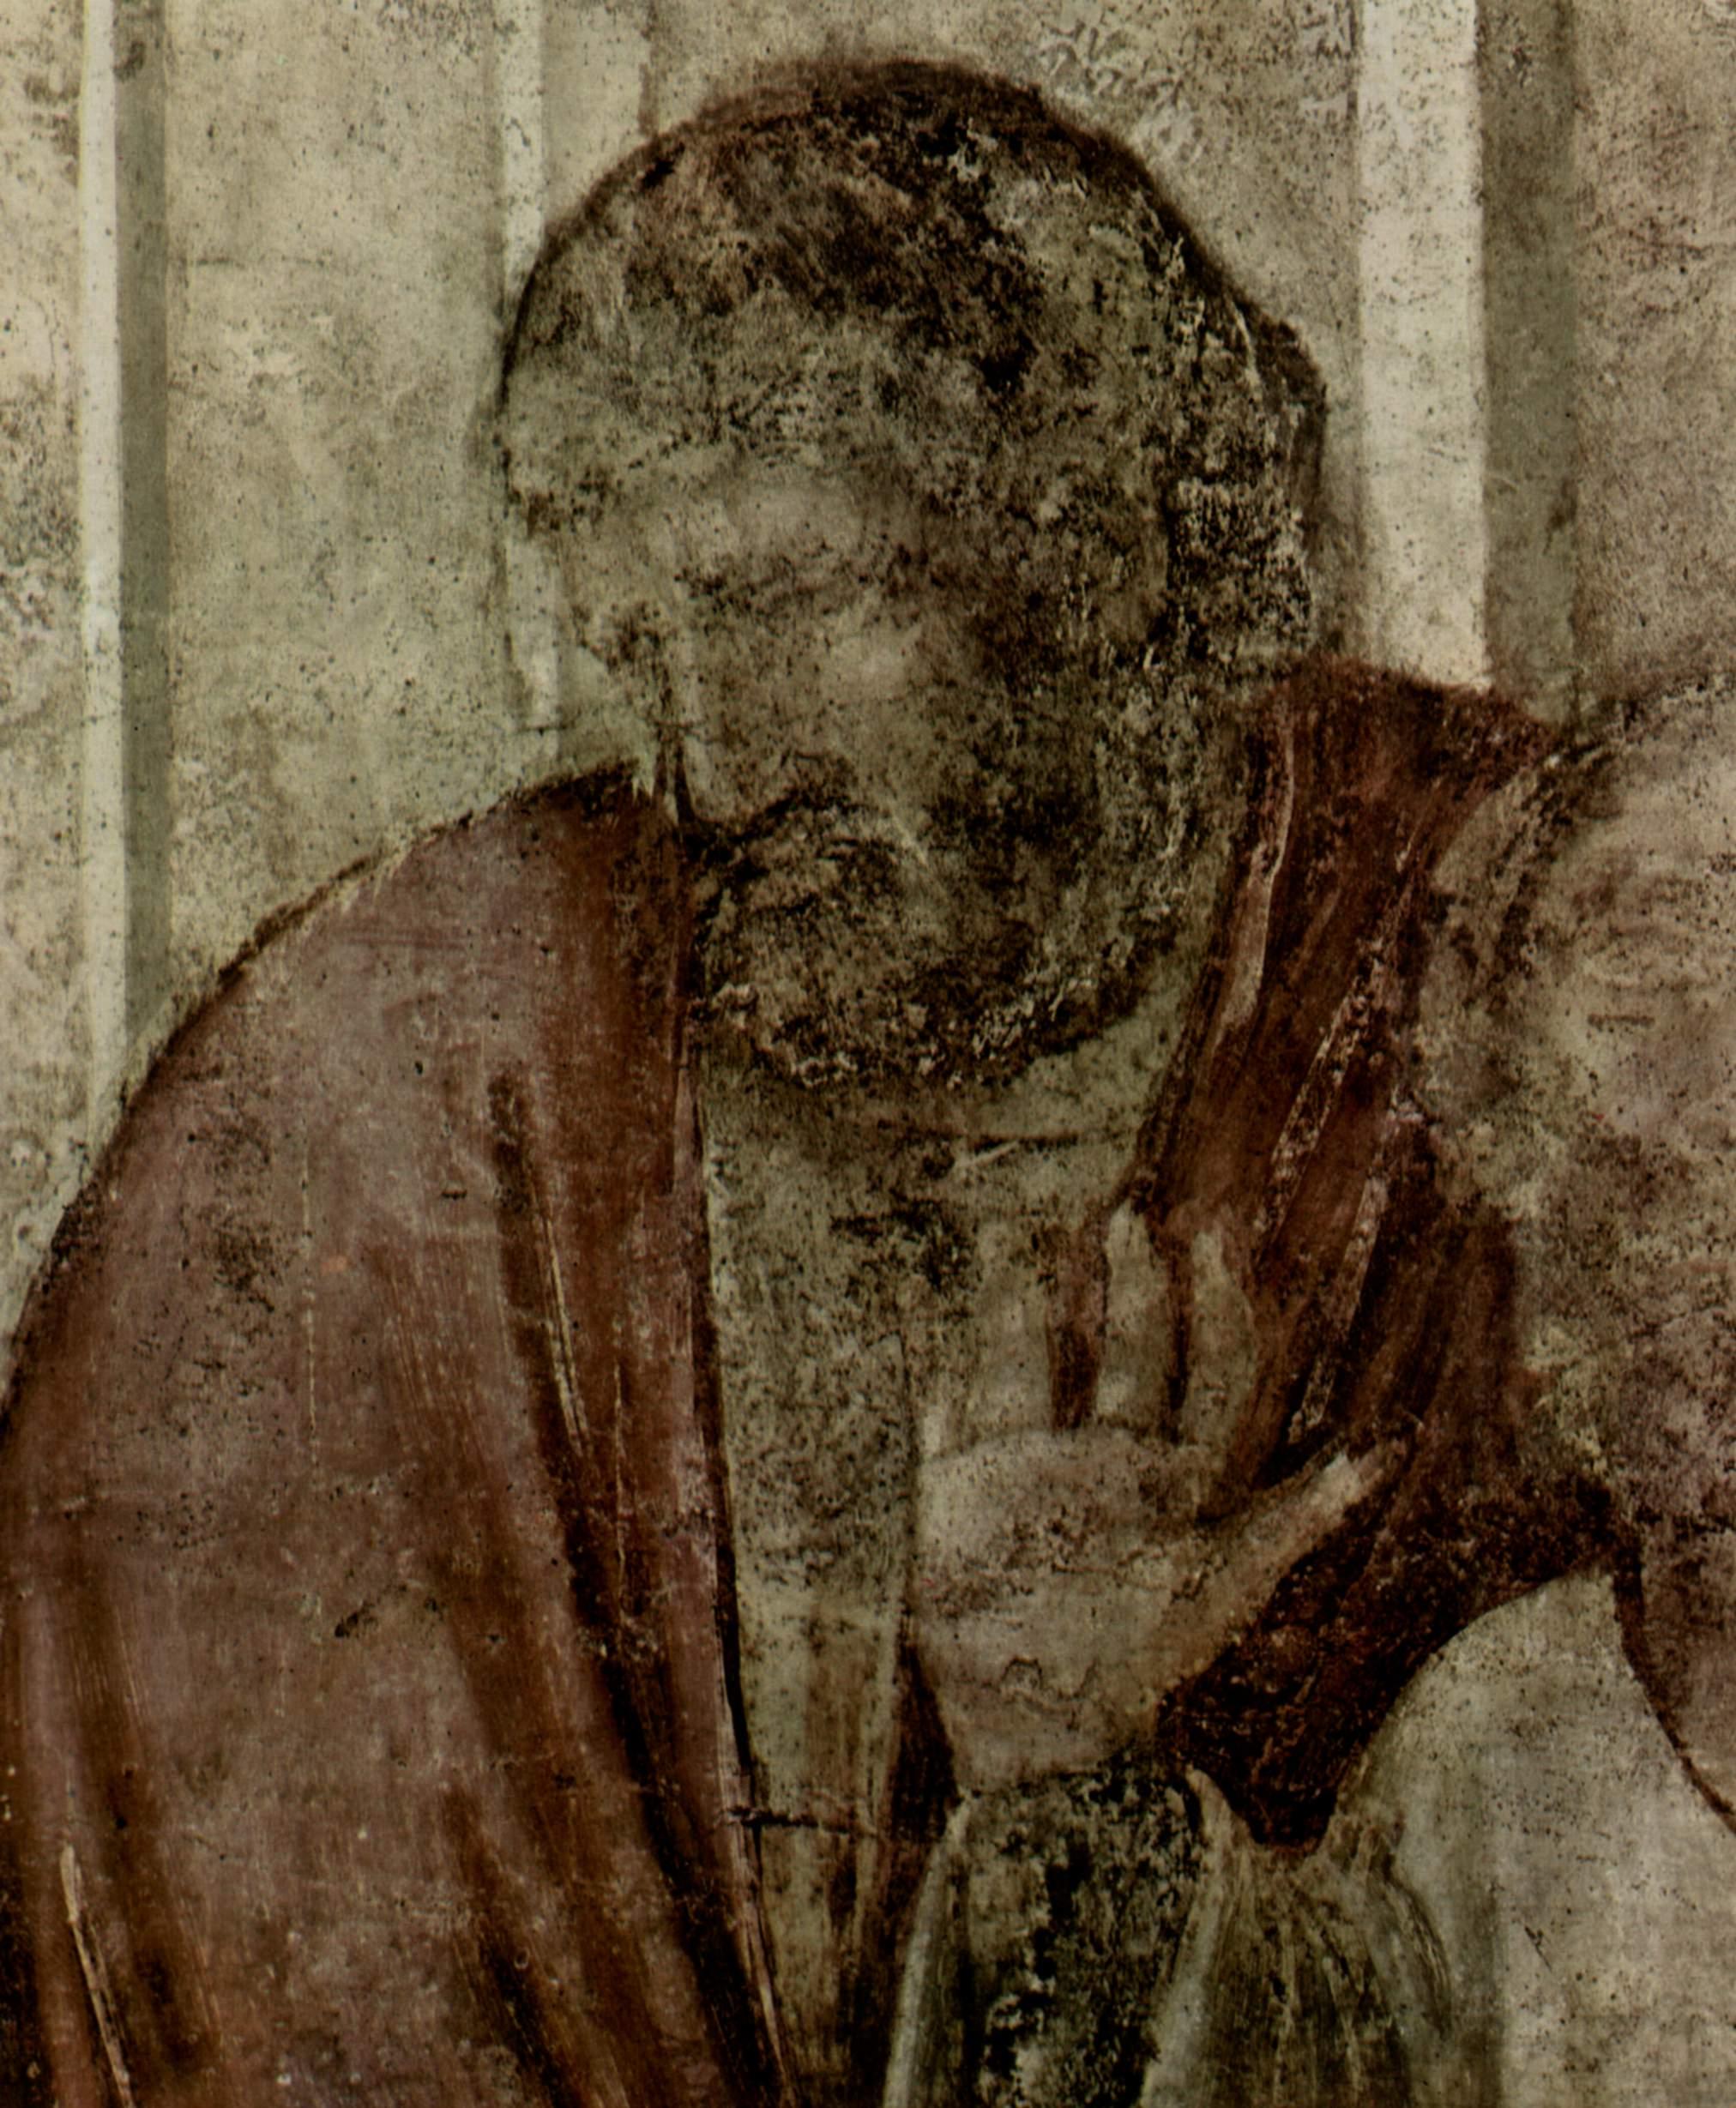 Цикл фресок капеллы Перуцци [06]. Санта Кроче во Флоренции. Евангелист Иоанн воскрешает Друзиану. Фр, Джотто ди Бондоне